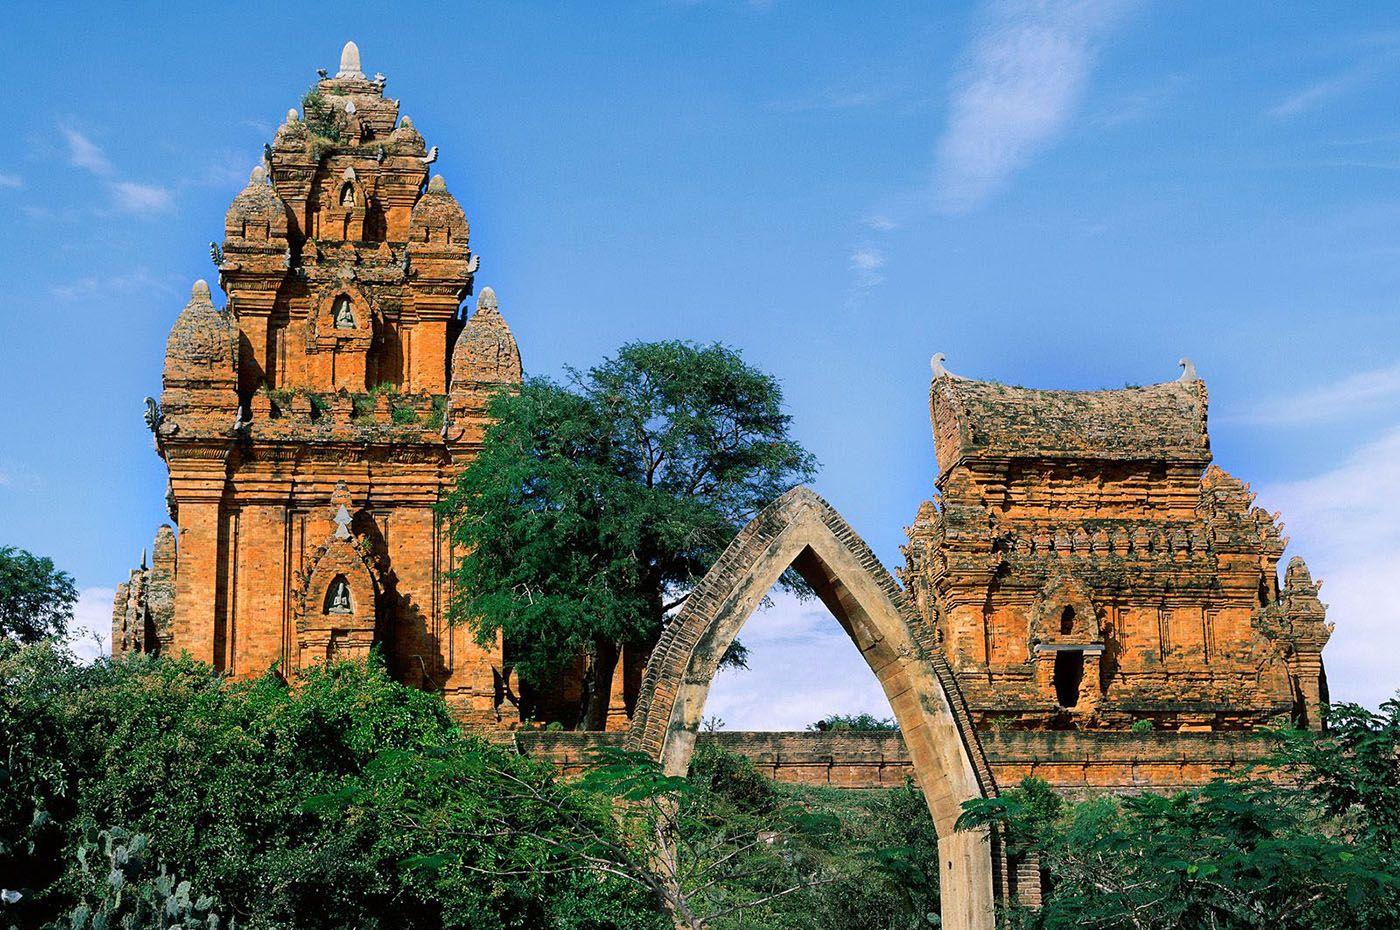 Ennen Saigonia oli kiva pitää pieni kahden yön stoppi Quy Nhonissa. Joku sata kilometriä pohjoiseen Saigonista. Totaalisen unelias kalastajakaupunki missä ei tapahdu mitään. Oli kiva vaan juoda kahvia tienposkessa ja katsella kun kalastajat saapuvat kotiin apajilta.